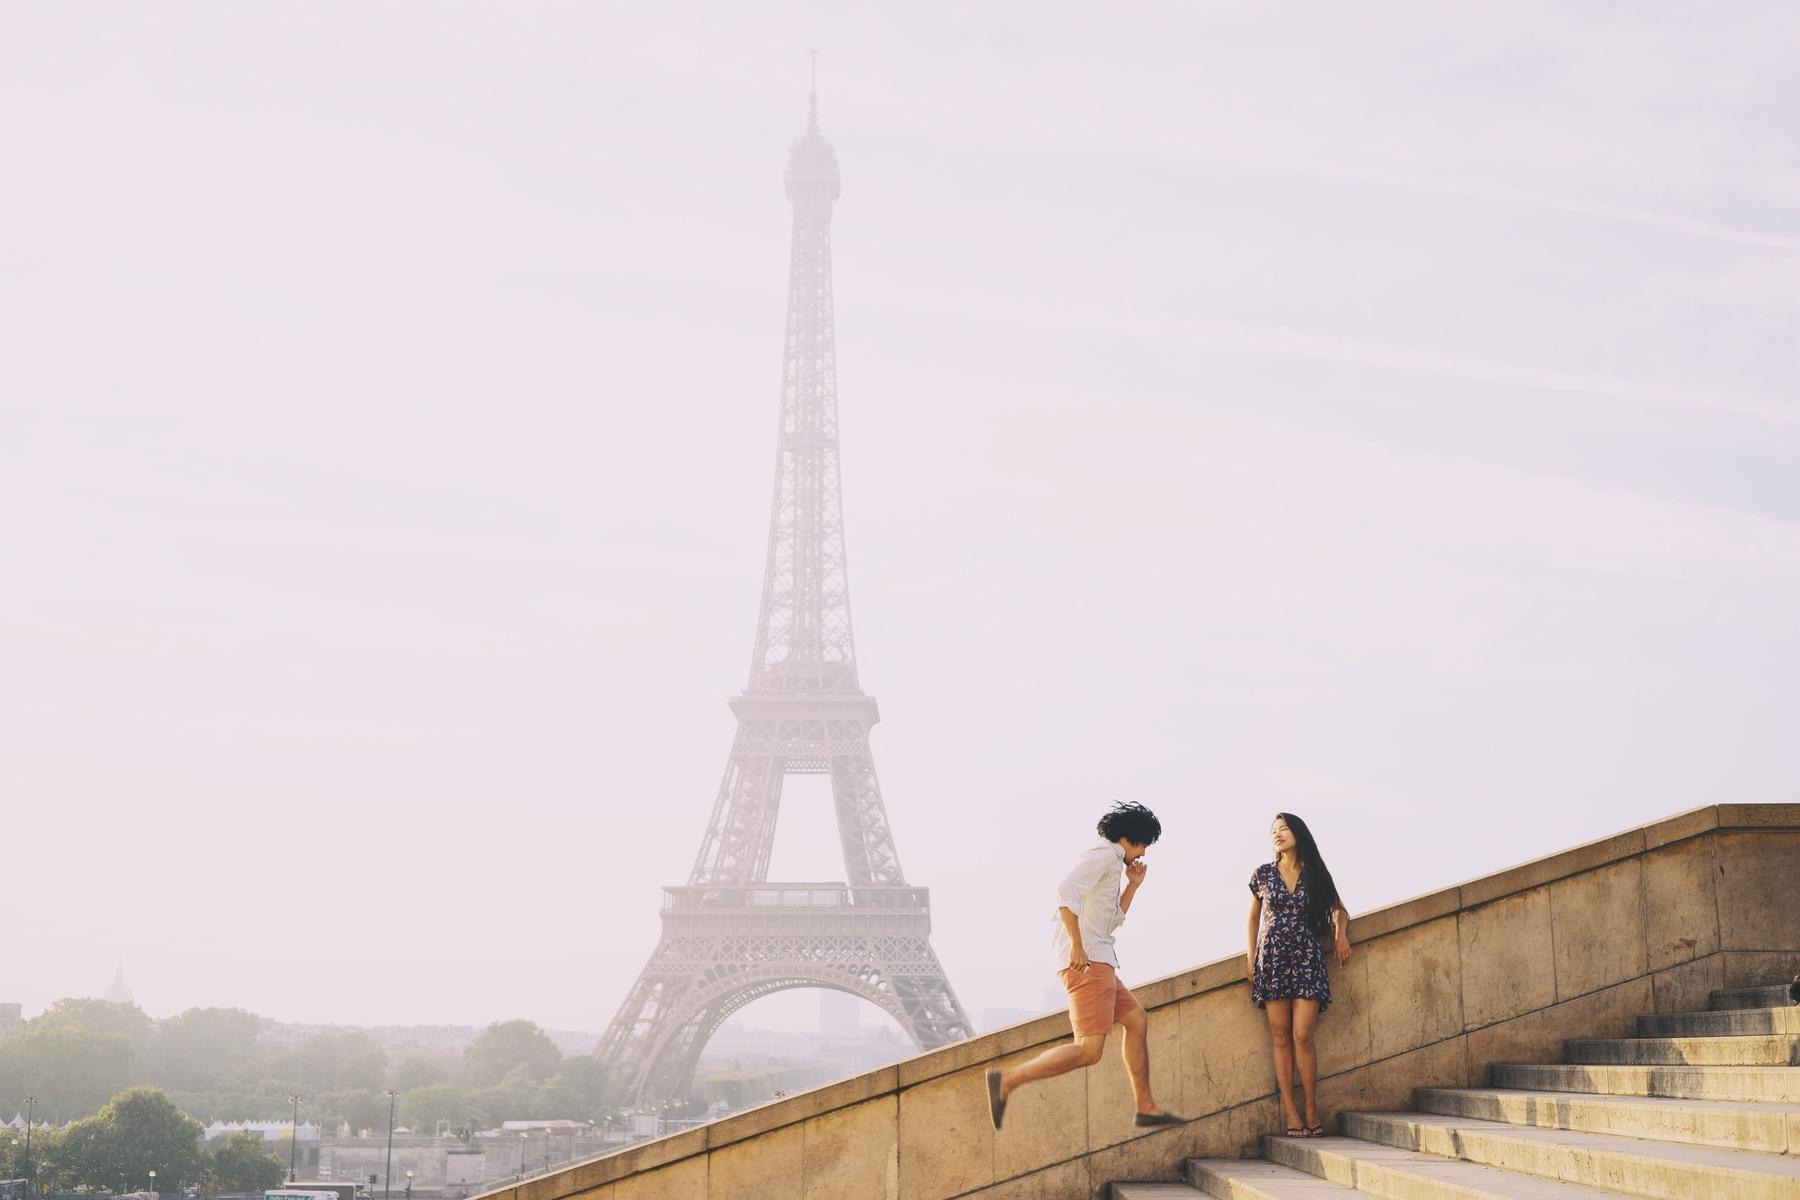 Torre Eiffel, em Paris, é um dos principais pontos turísticos da França.